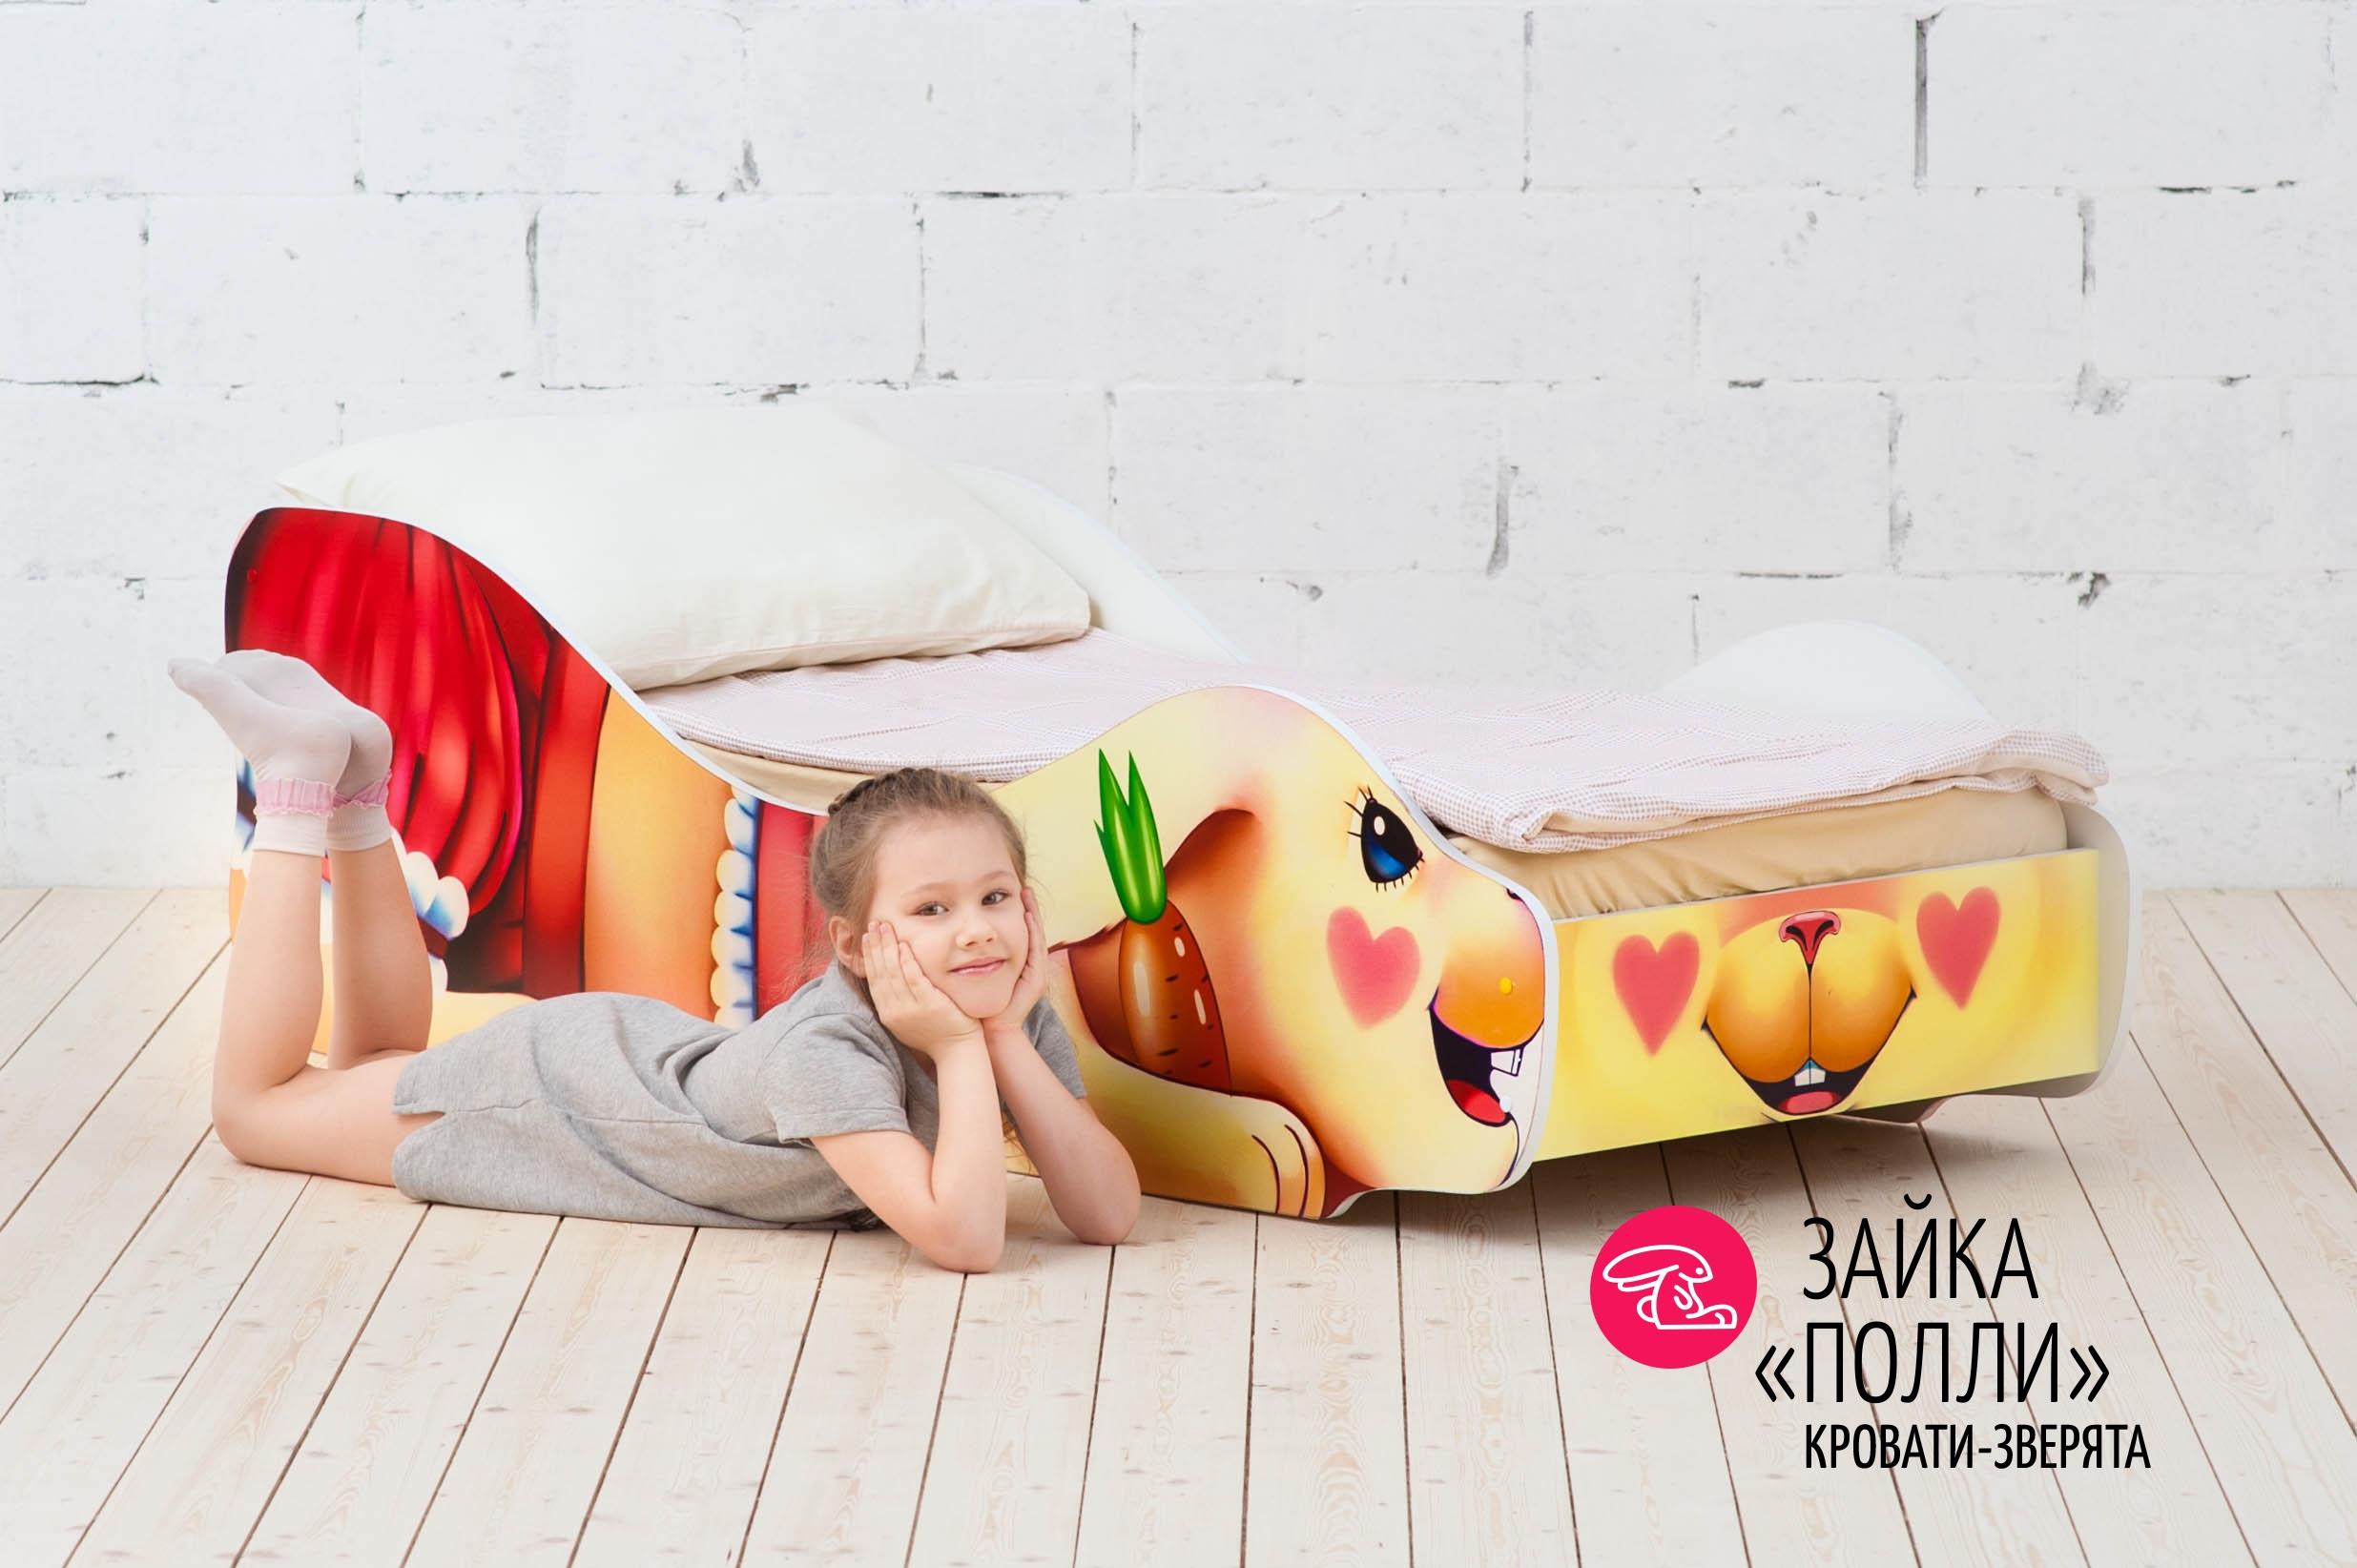 Детская кровать-зверенок -Зайка-Полли-8